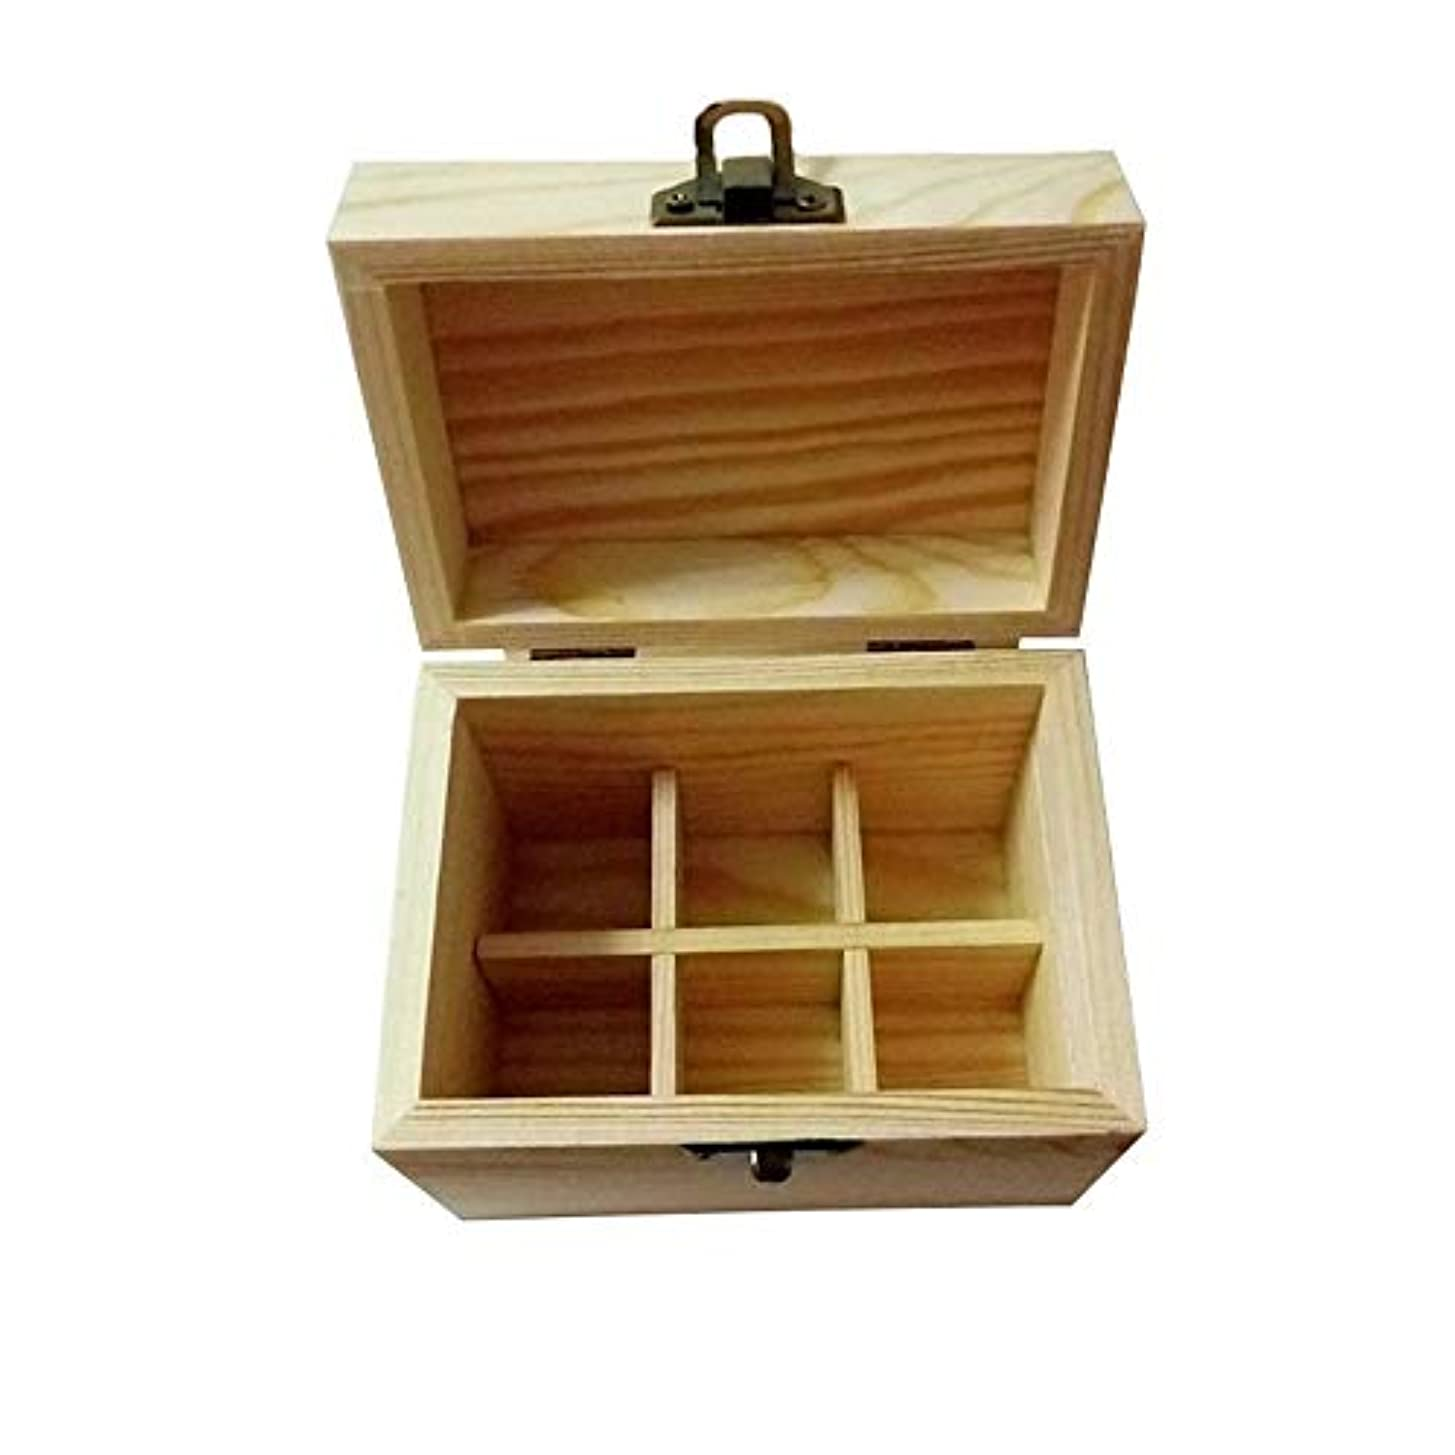 独立した劣る消化エッセンシャルオイルストレージボックスケース木製の主催者は6本のキャリングセーフボトルやホームストレージの表示を保持します アロマセラピー製品 (色 : Natural, サイズ : 11.5X8X9.5CM)